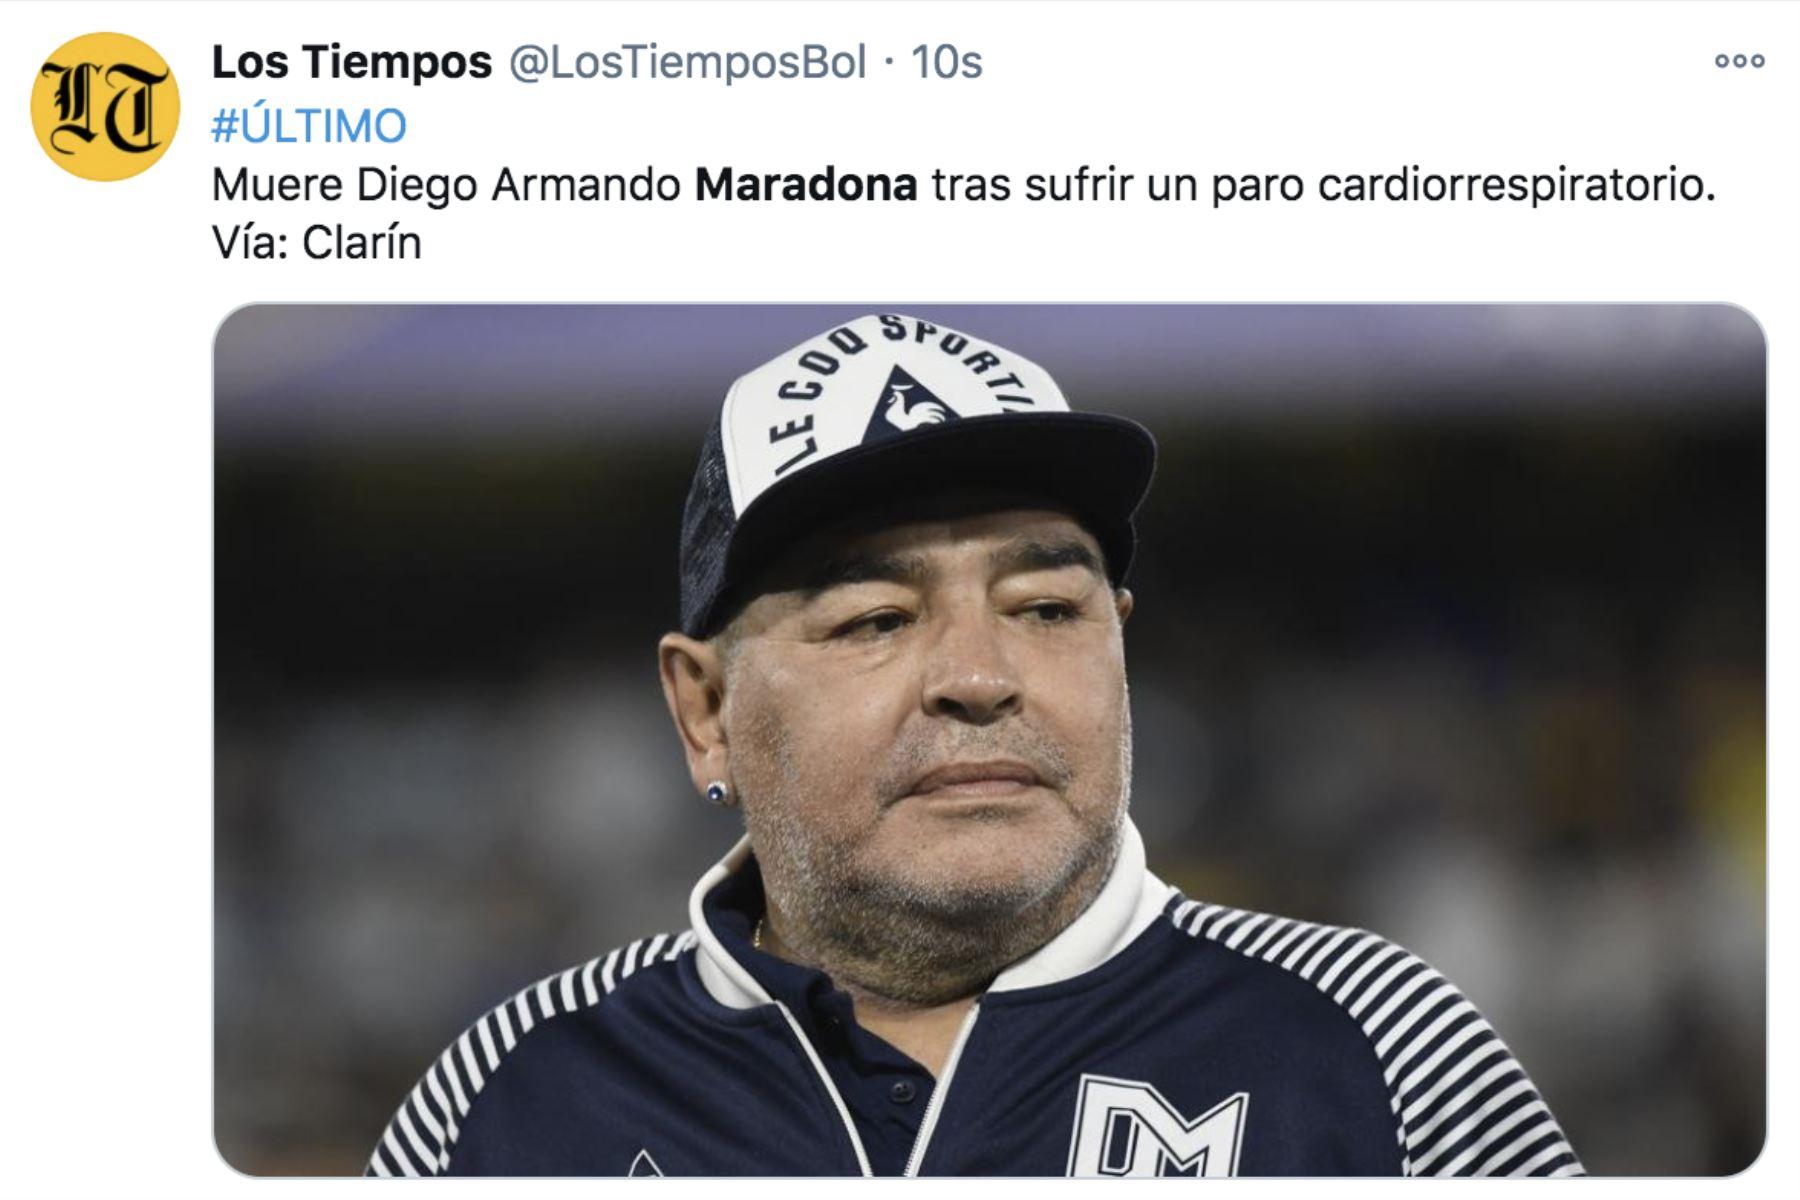 Así informa la prensa mundial la muerte de Diego Armando Maradona. Los Tiempos